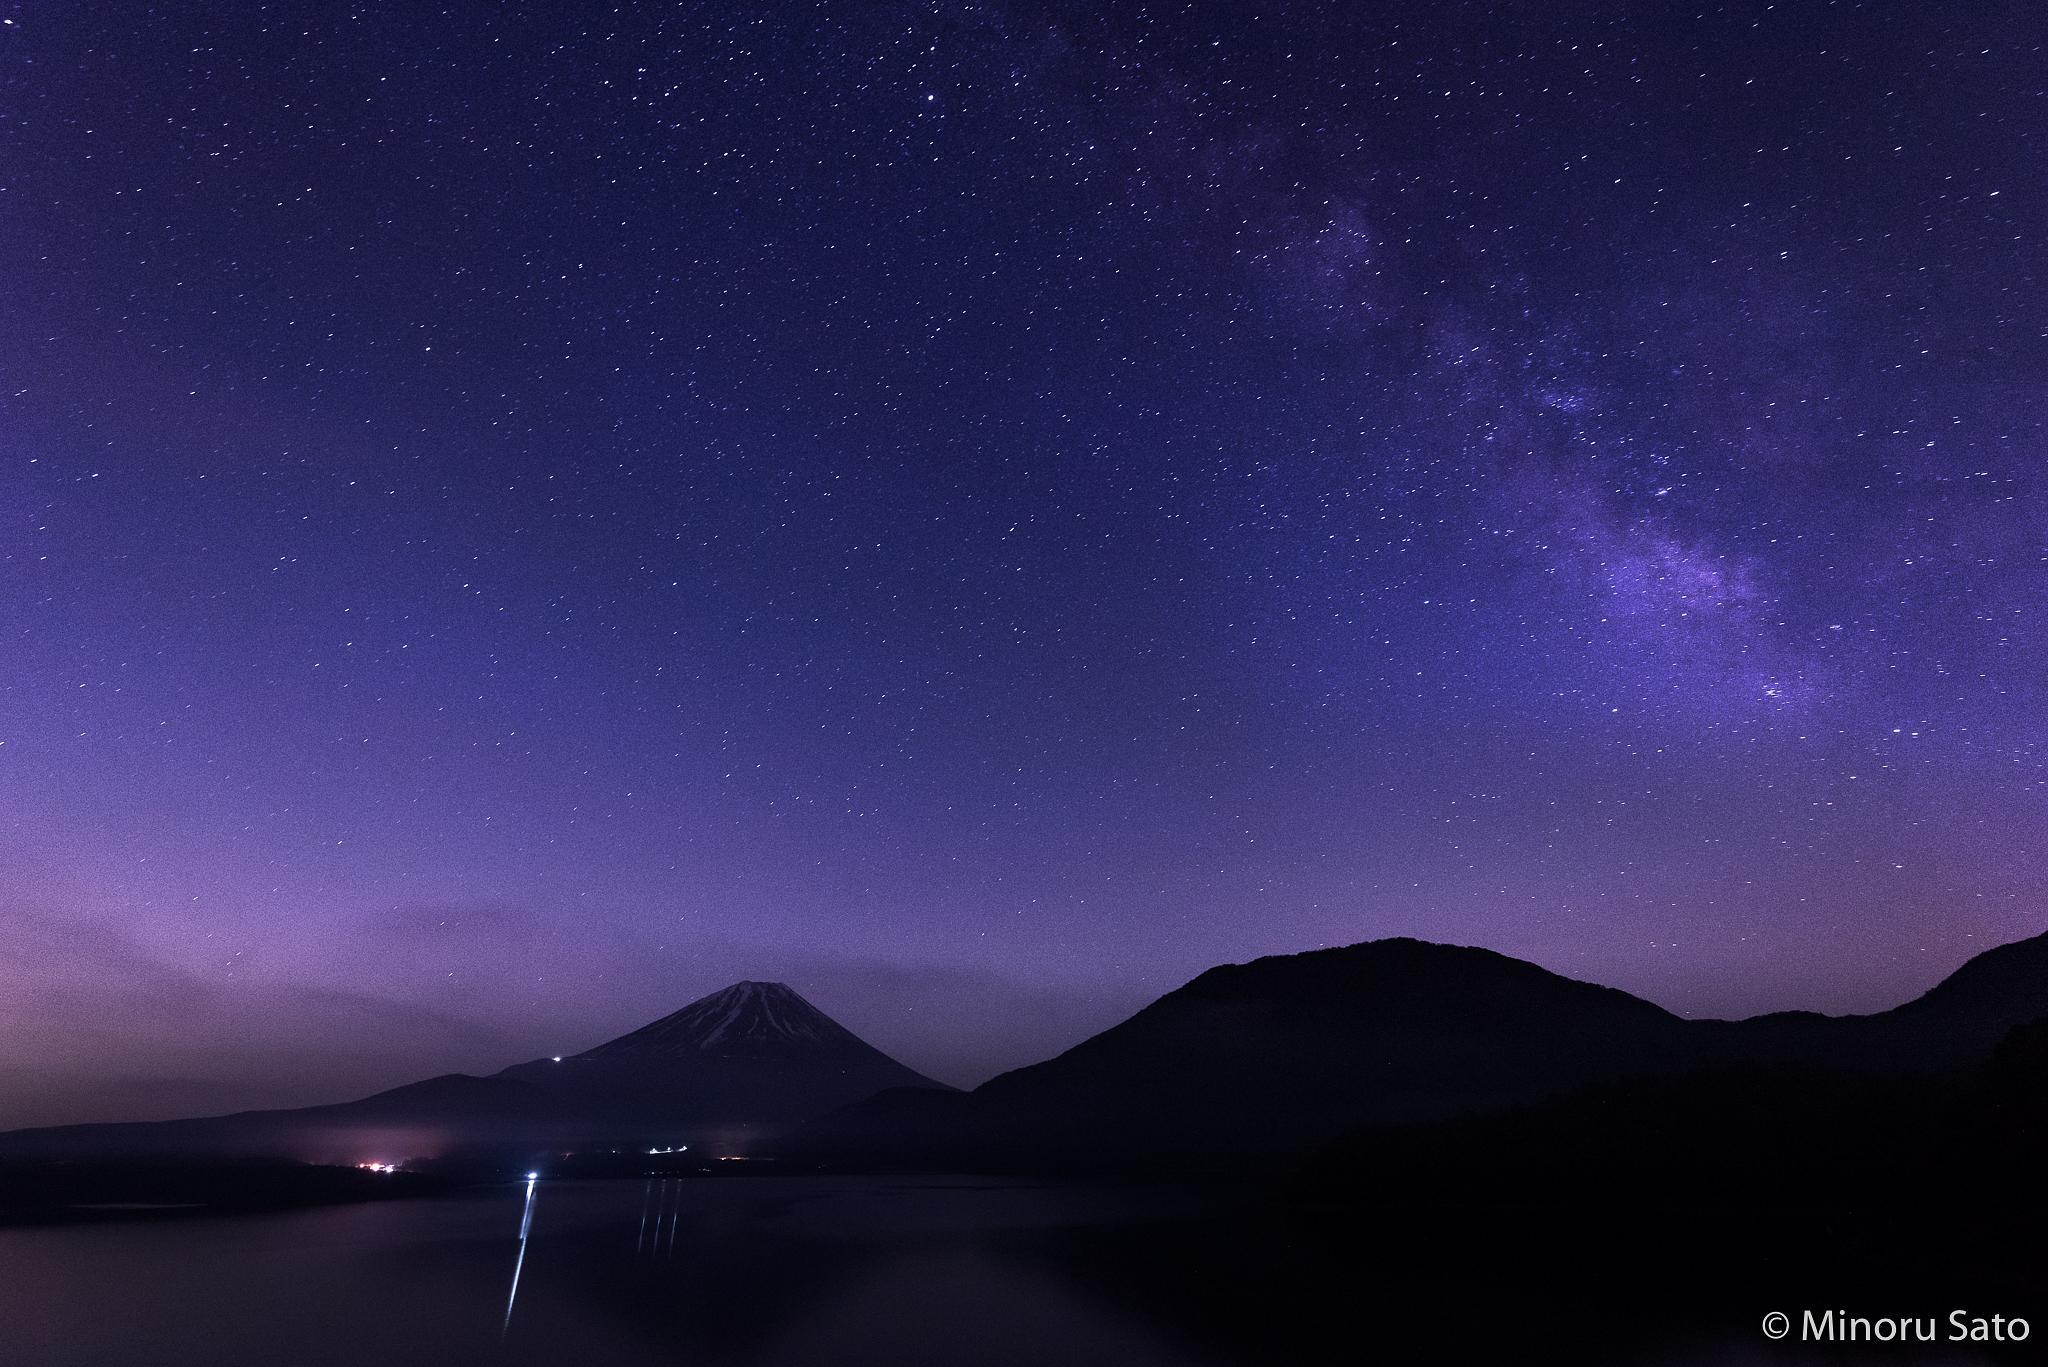 Mt. Fuji and Milkway by Minoru Sato